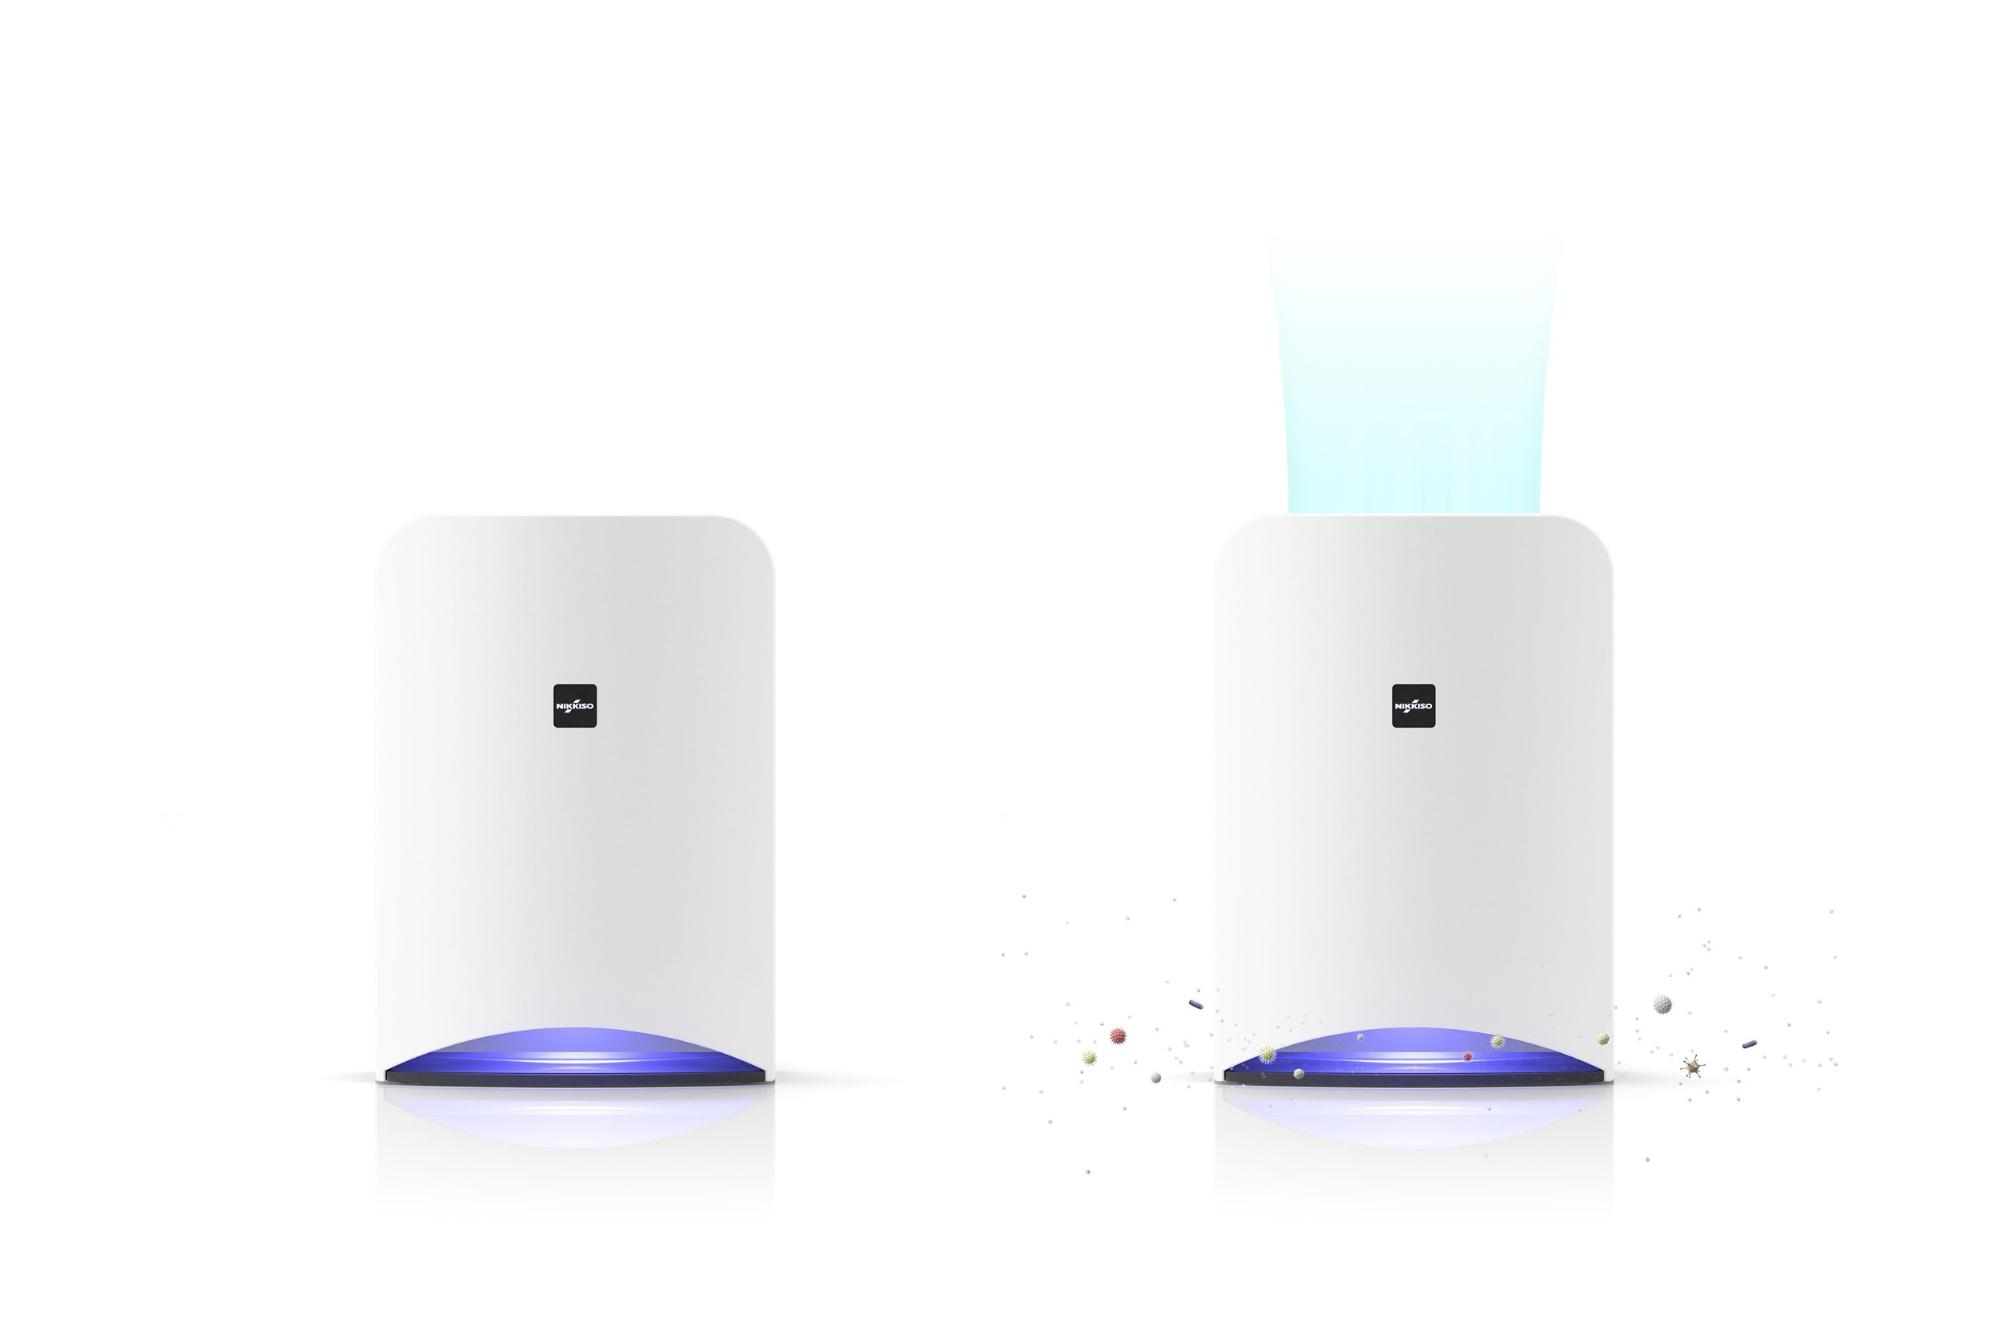 Aeropure ※空間除菌消臭装置のカタログ用の3DCGイラスト(製品単体とウイルスや空気も表現したバージョンの2パターン作成)